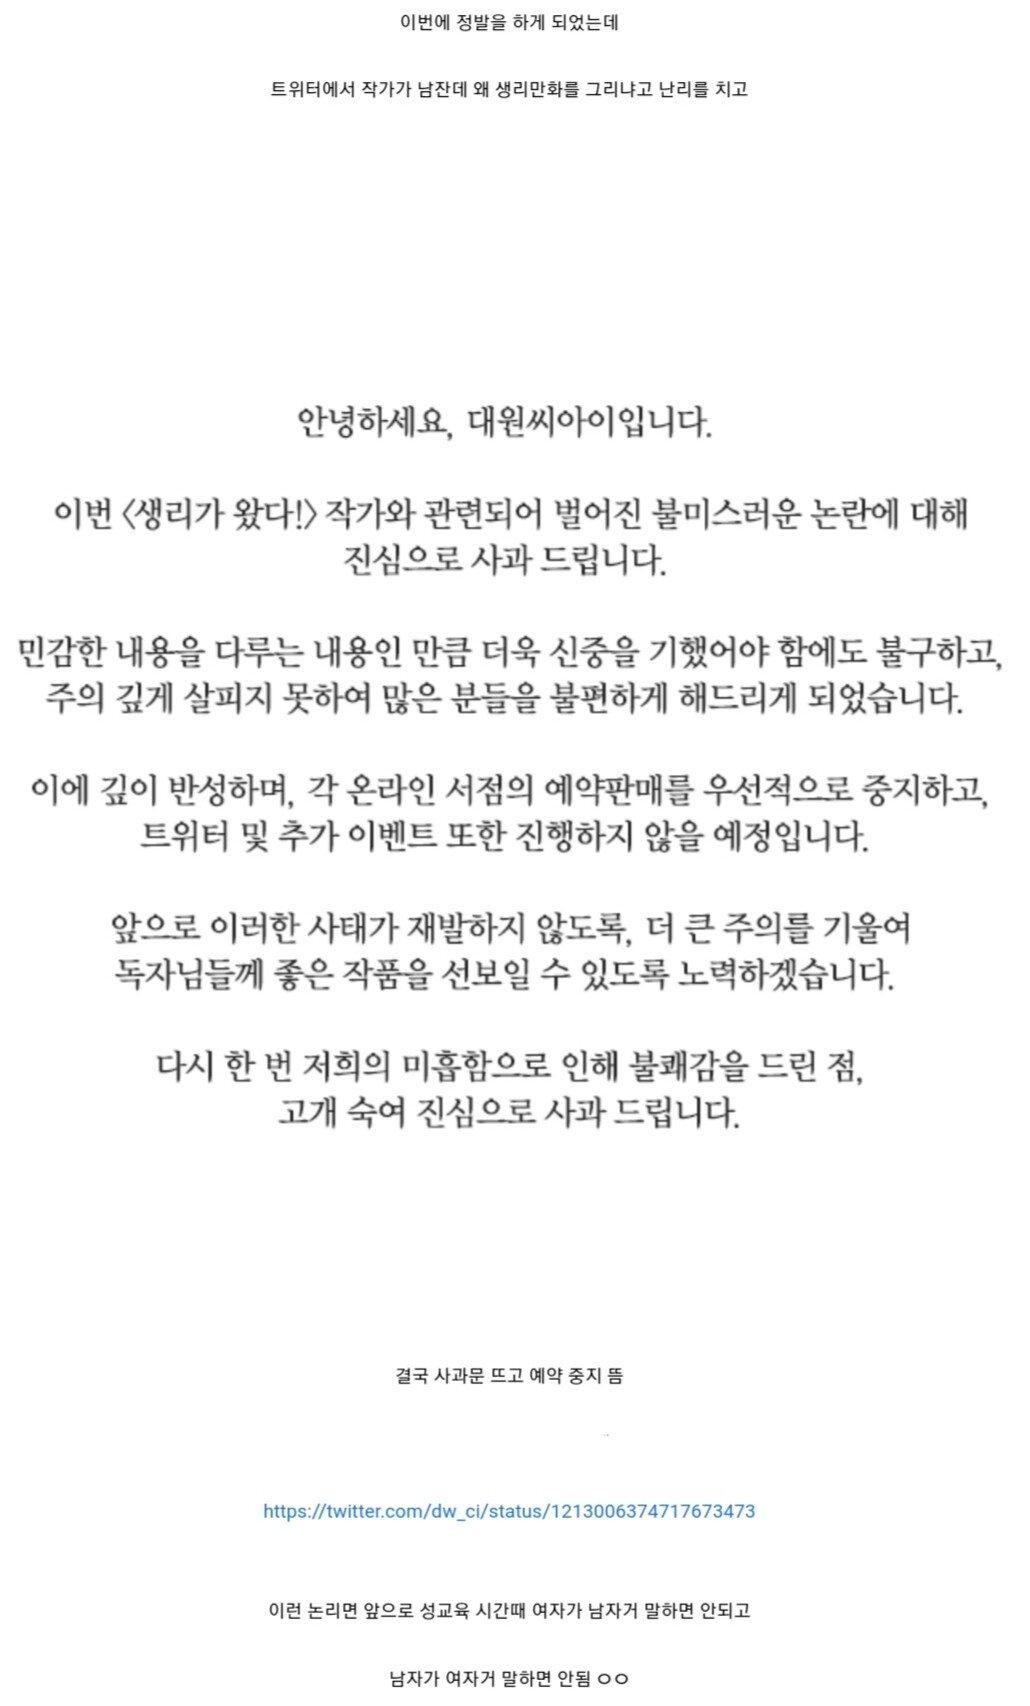 20200106_163213.jpg 2020년 대한민국에서 벌어진 문화대혁명.jpg